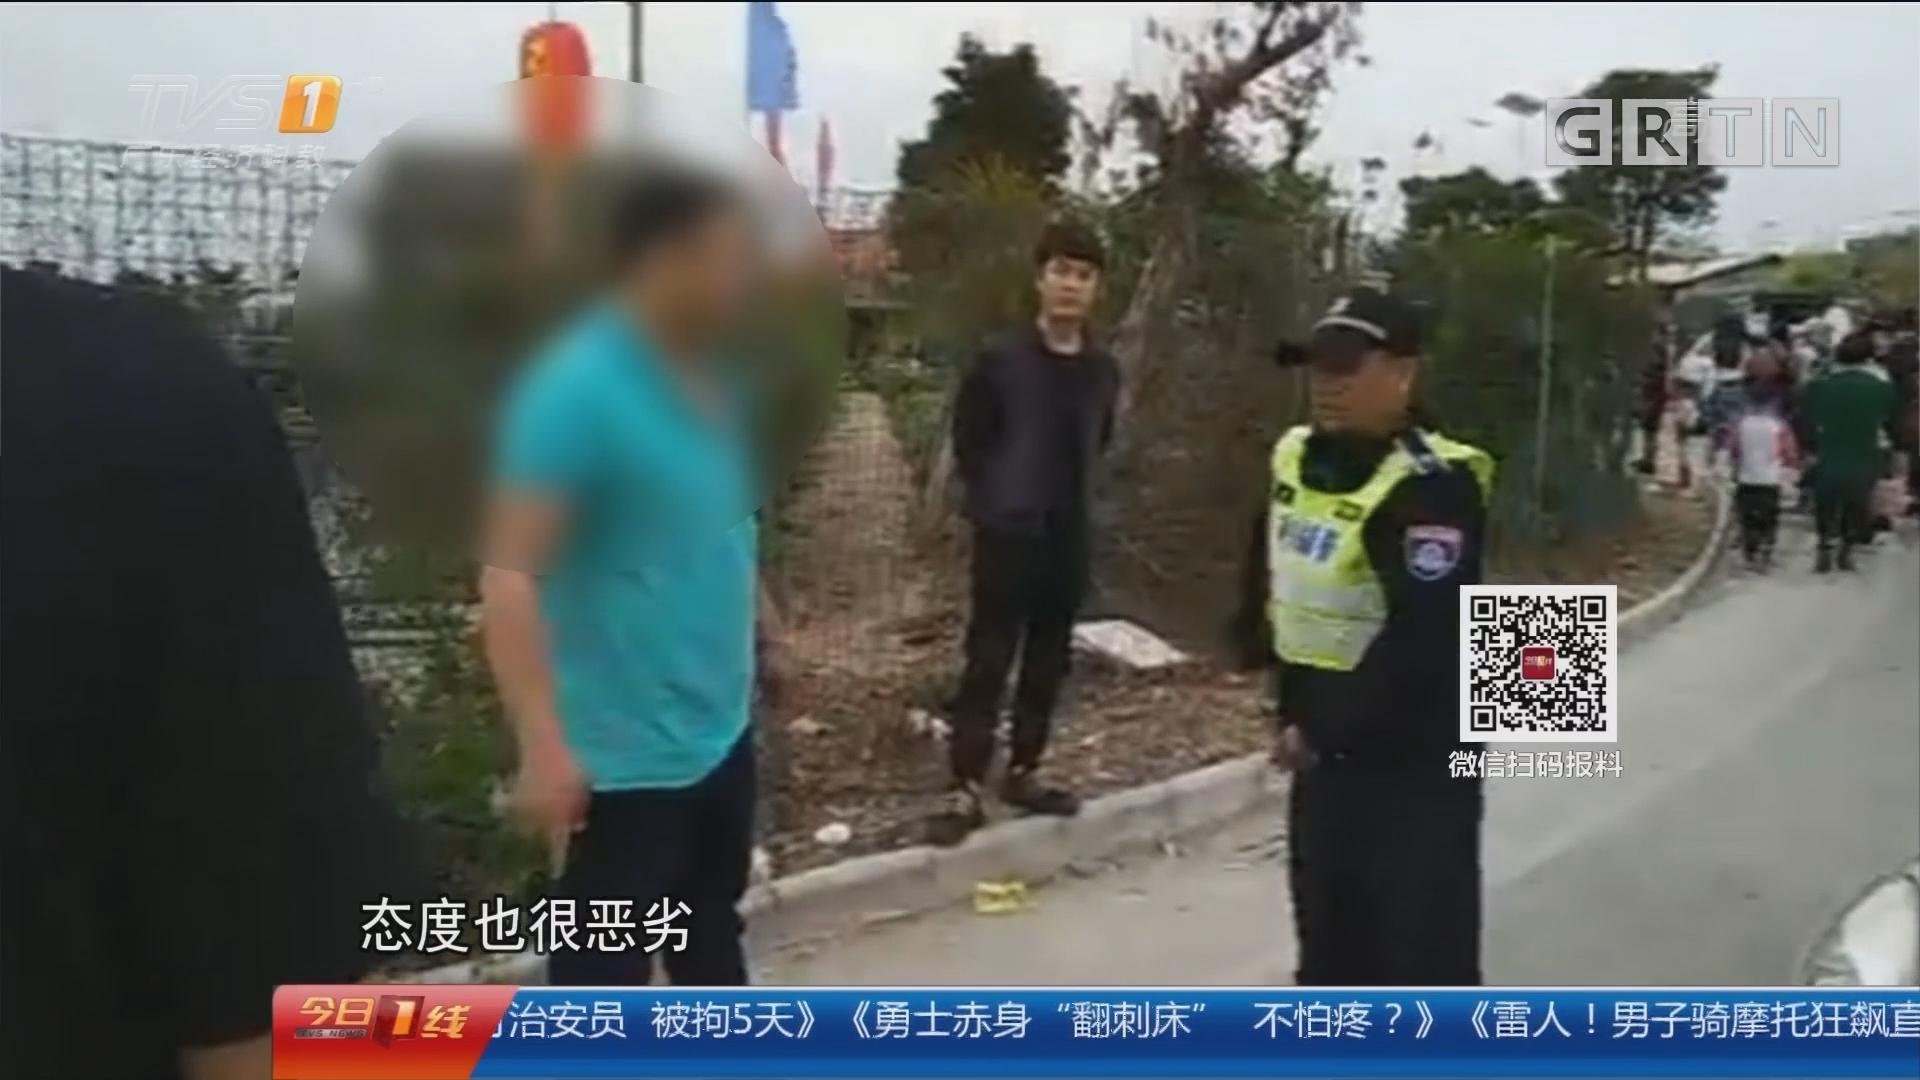 顺德:醉猫酒后闹事拳打治安员 被拘5天